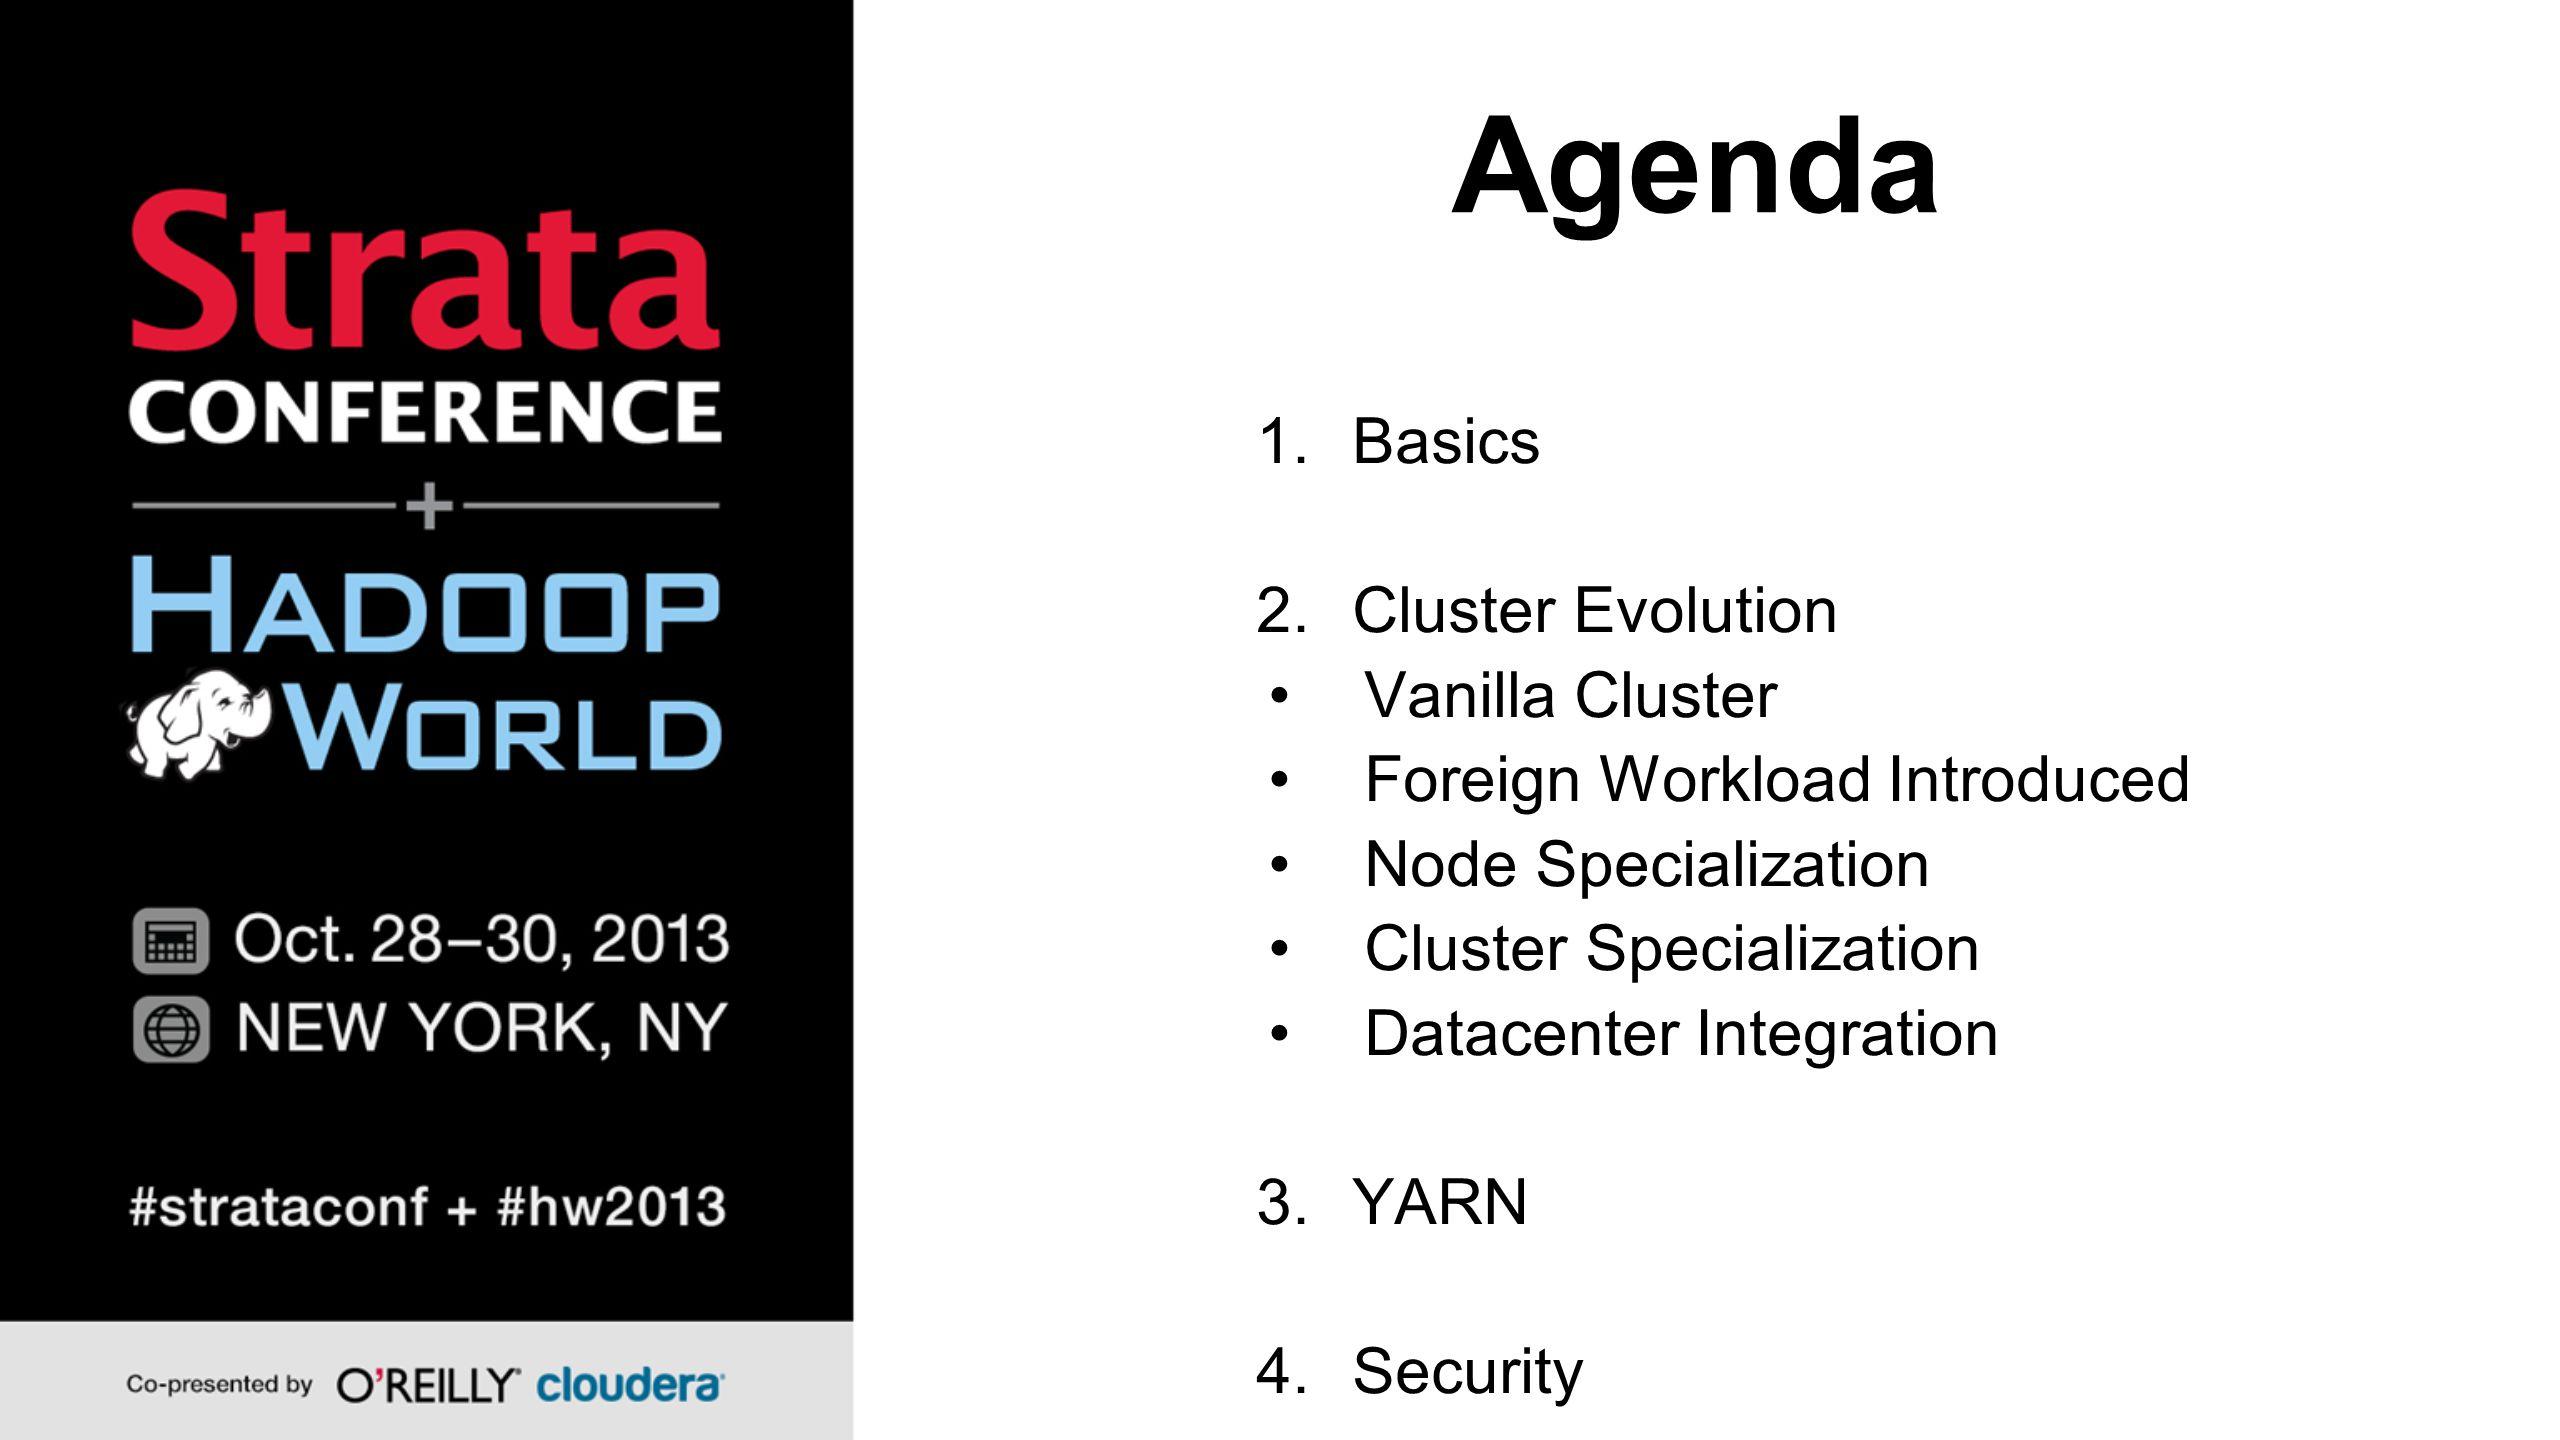 Agenda 1.Basics 2.Cluster Evolution Vanilla Cluster Foreign Workload Introduced Node Specialization Cluster Specialization Datacenter Integration 3.YARN 4.Security